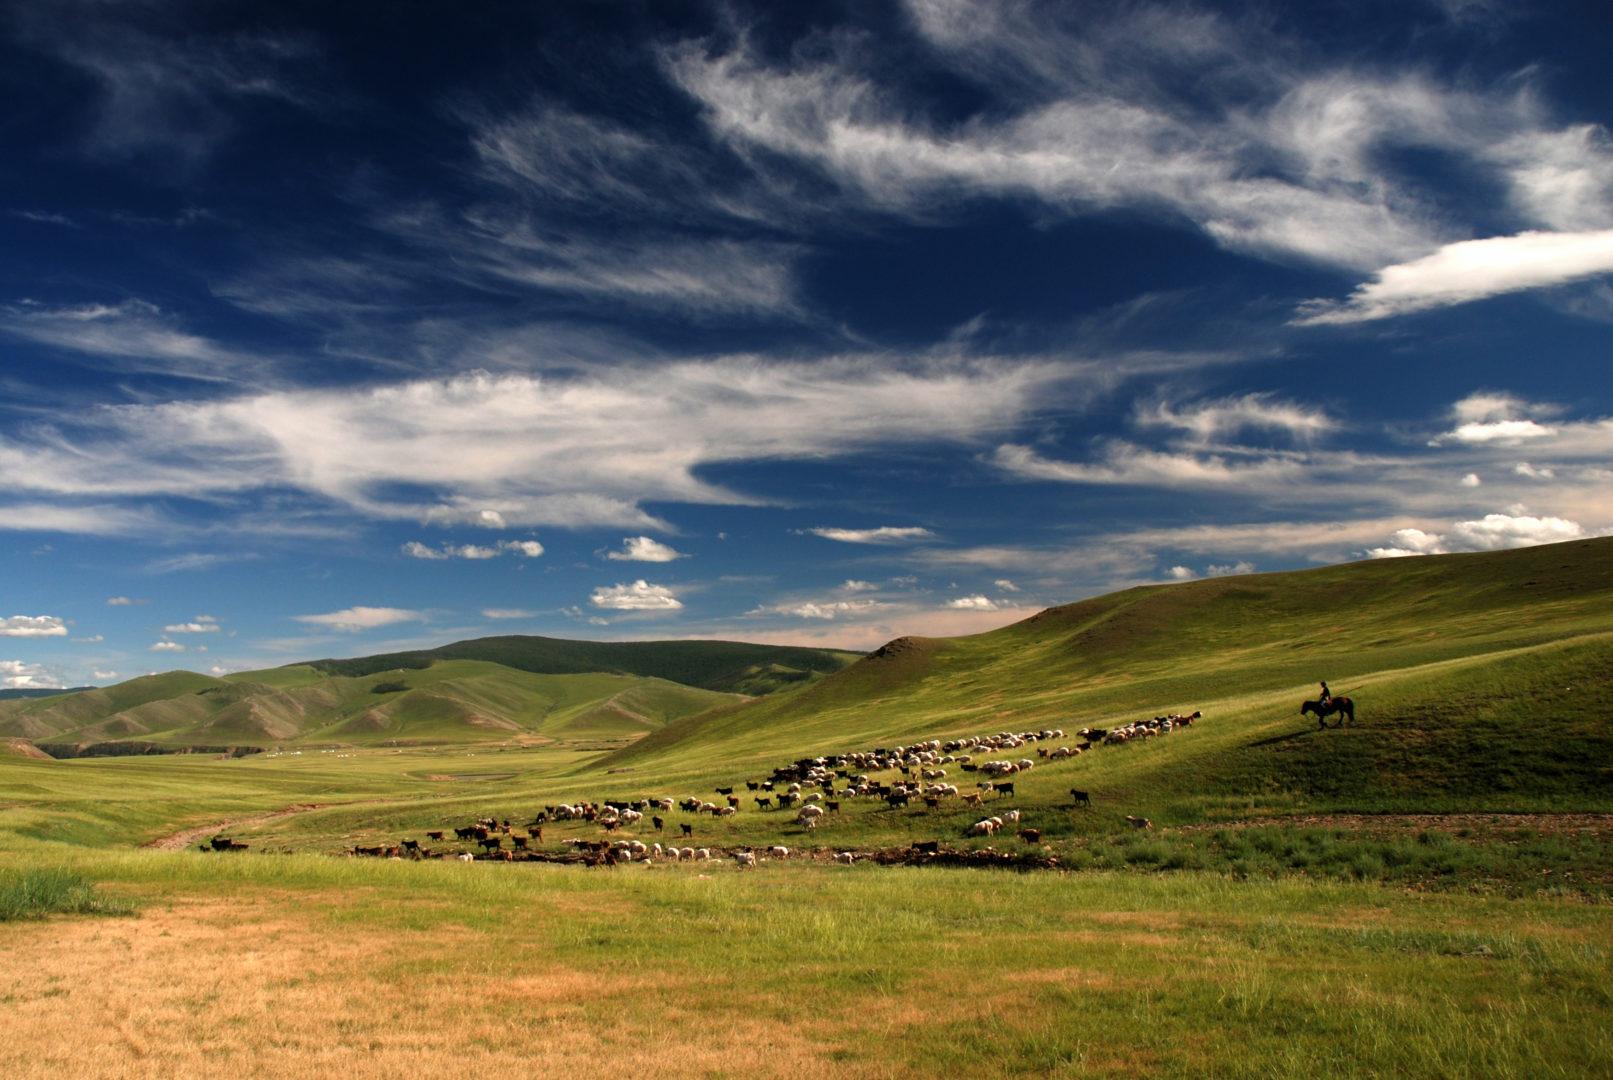 Schaf - und Ziegenherde